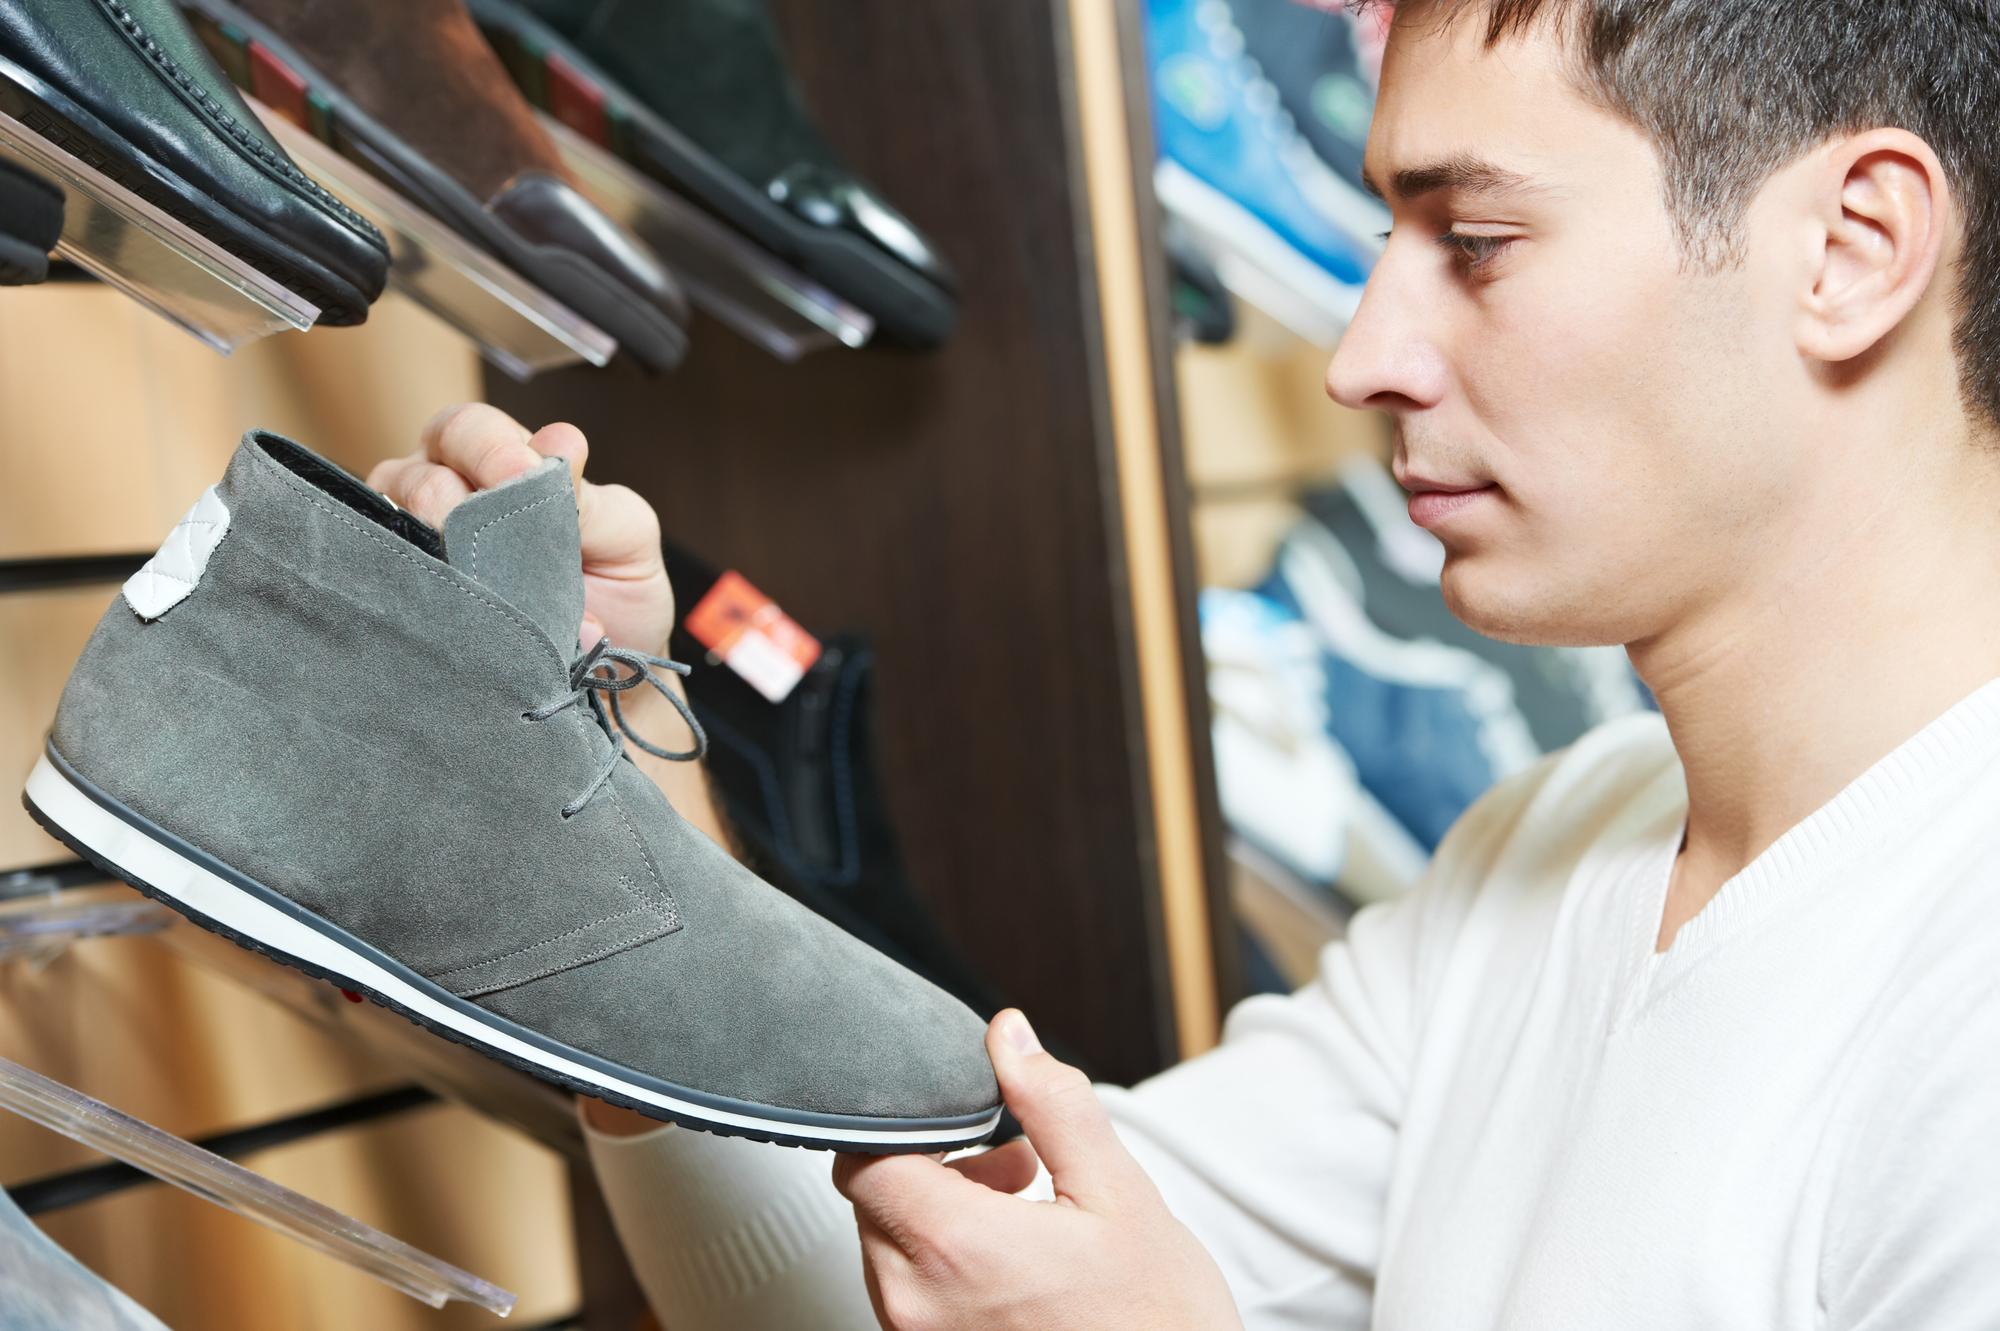 Quelques idées de prix pour une bonne paire de chaussures pour homme